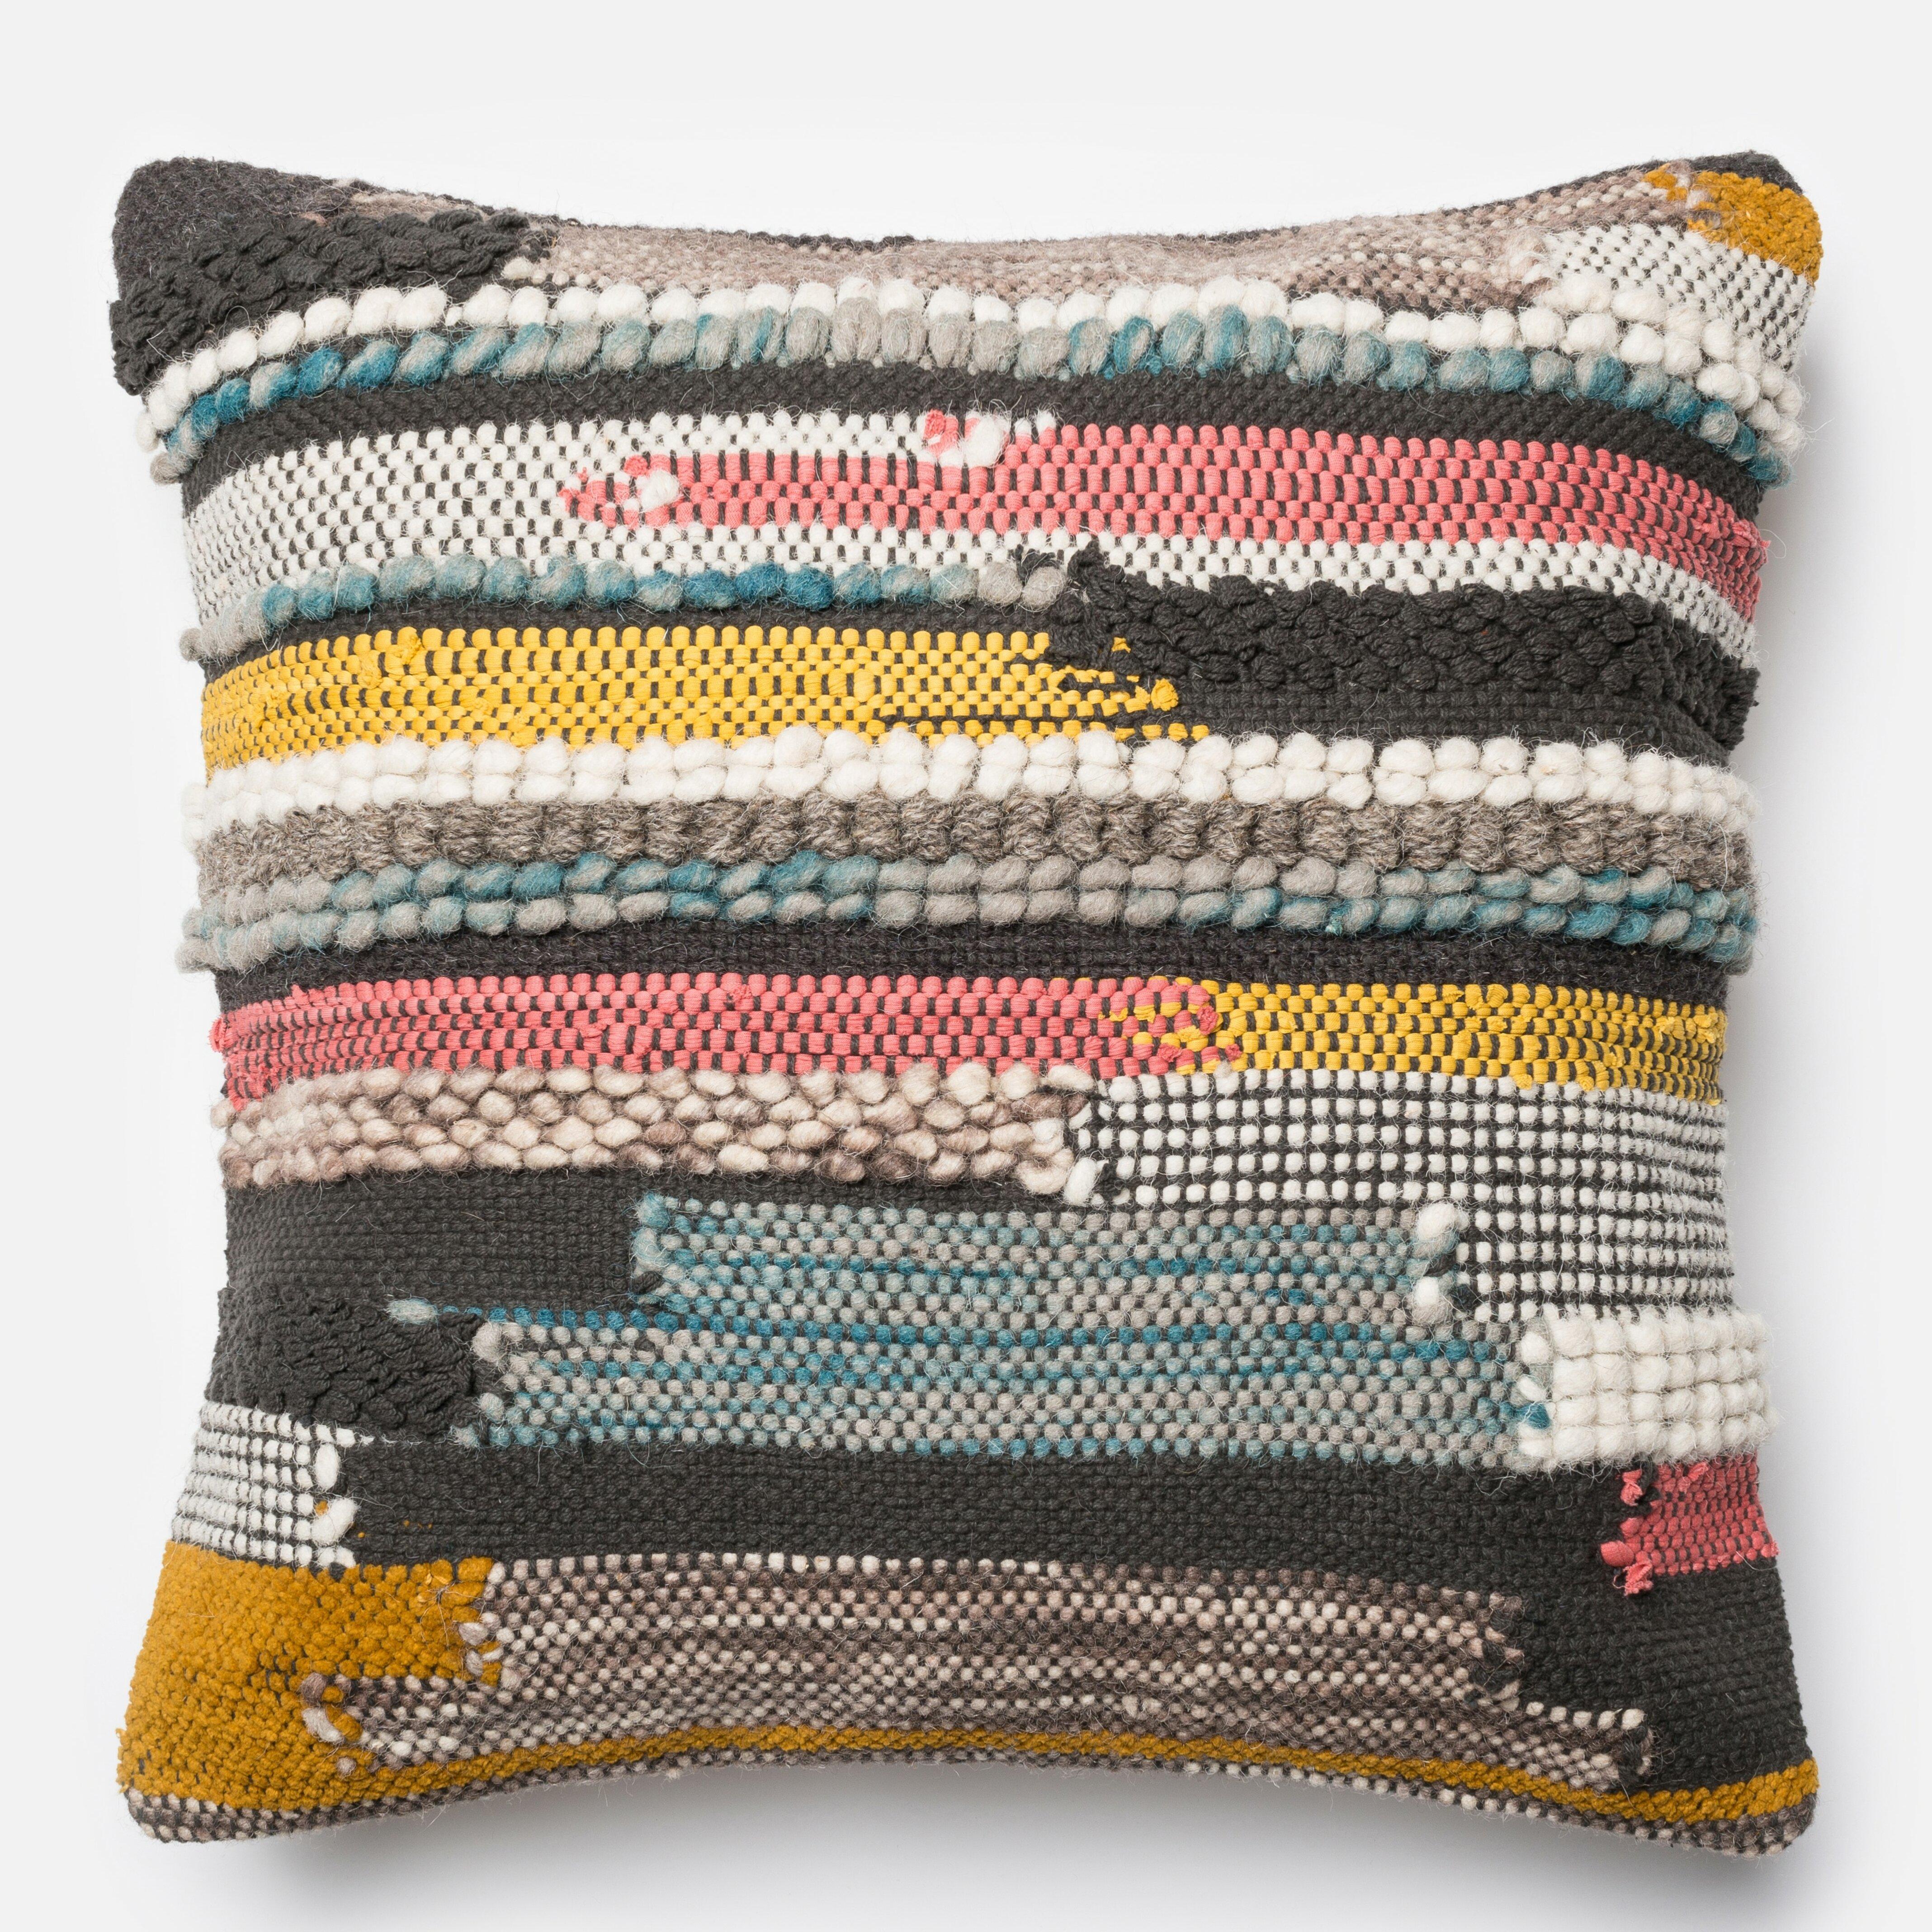 Mistana Halle Textured Throw Pillow Reviews Wayfair